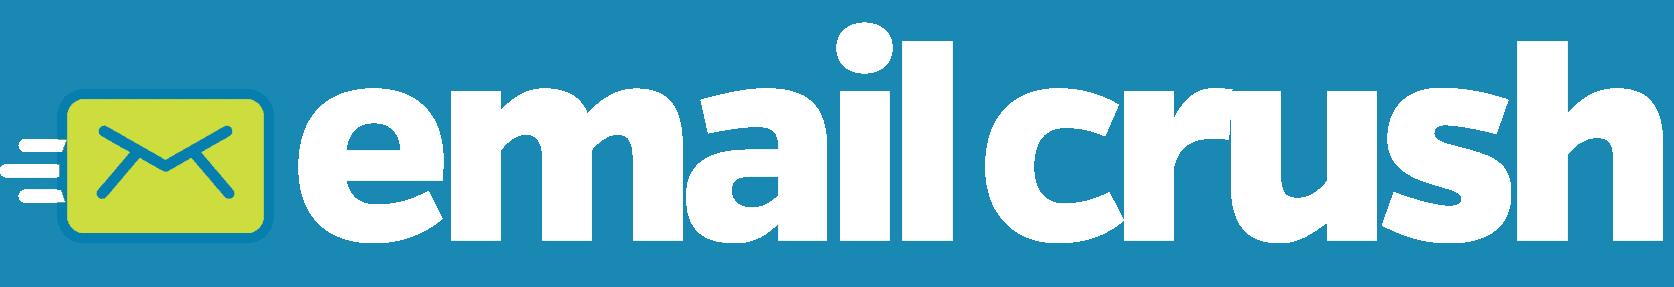 Email Crush logo